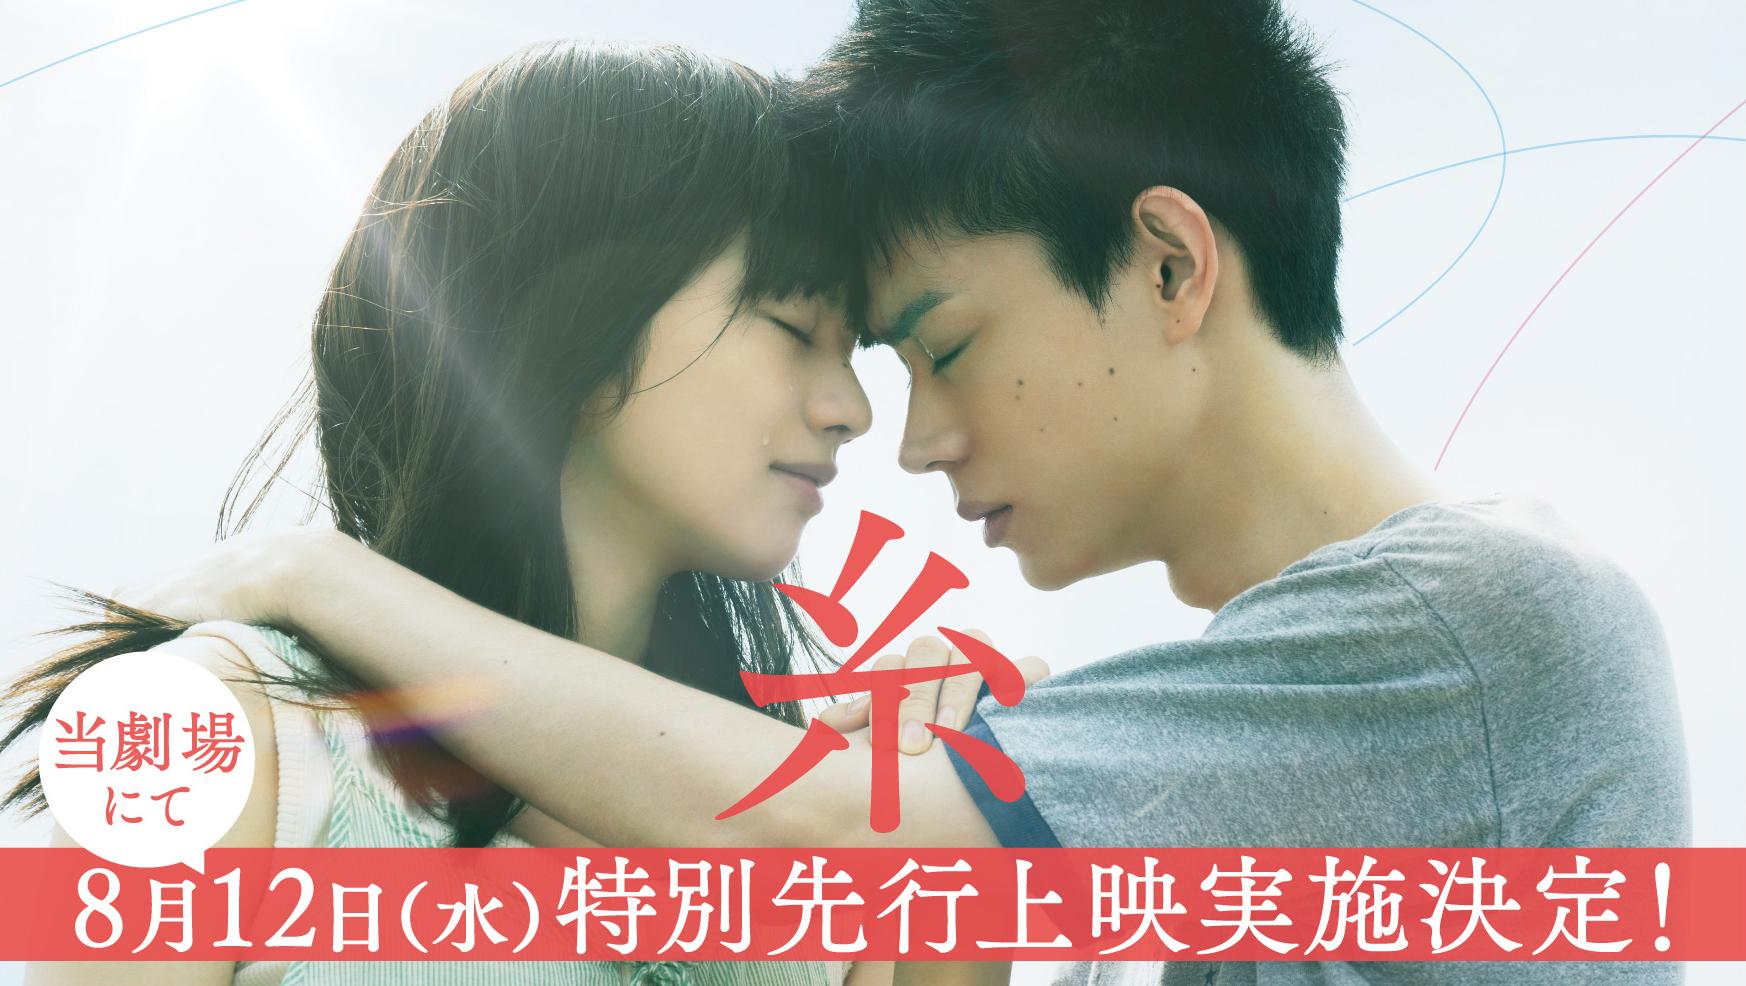 ©2020映画「糸」製作委員会